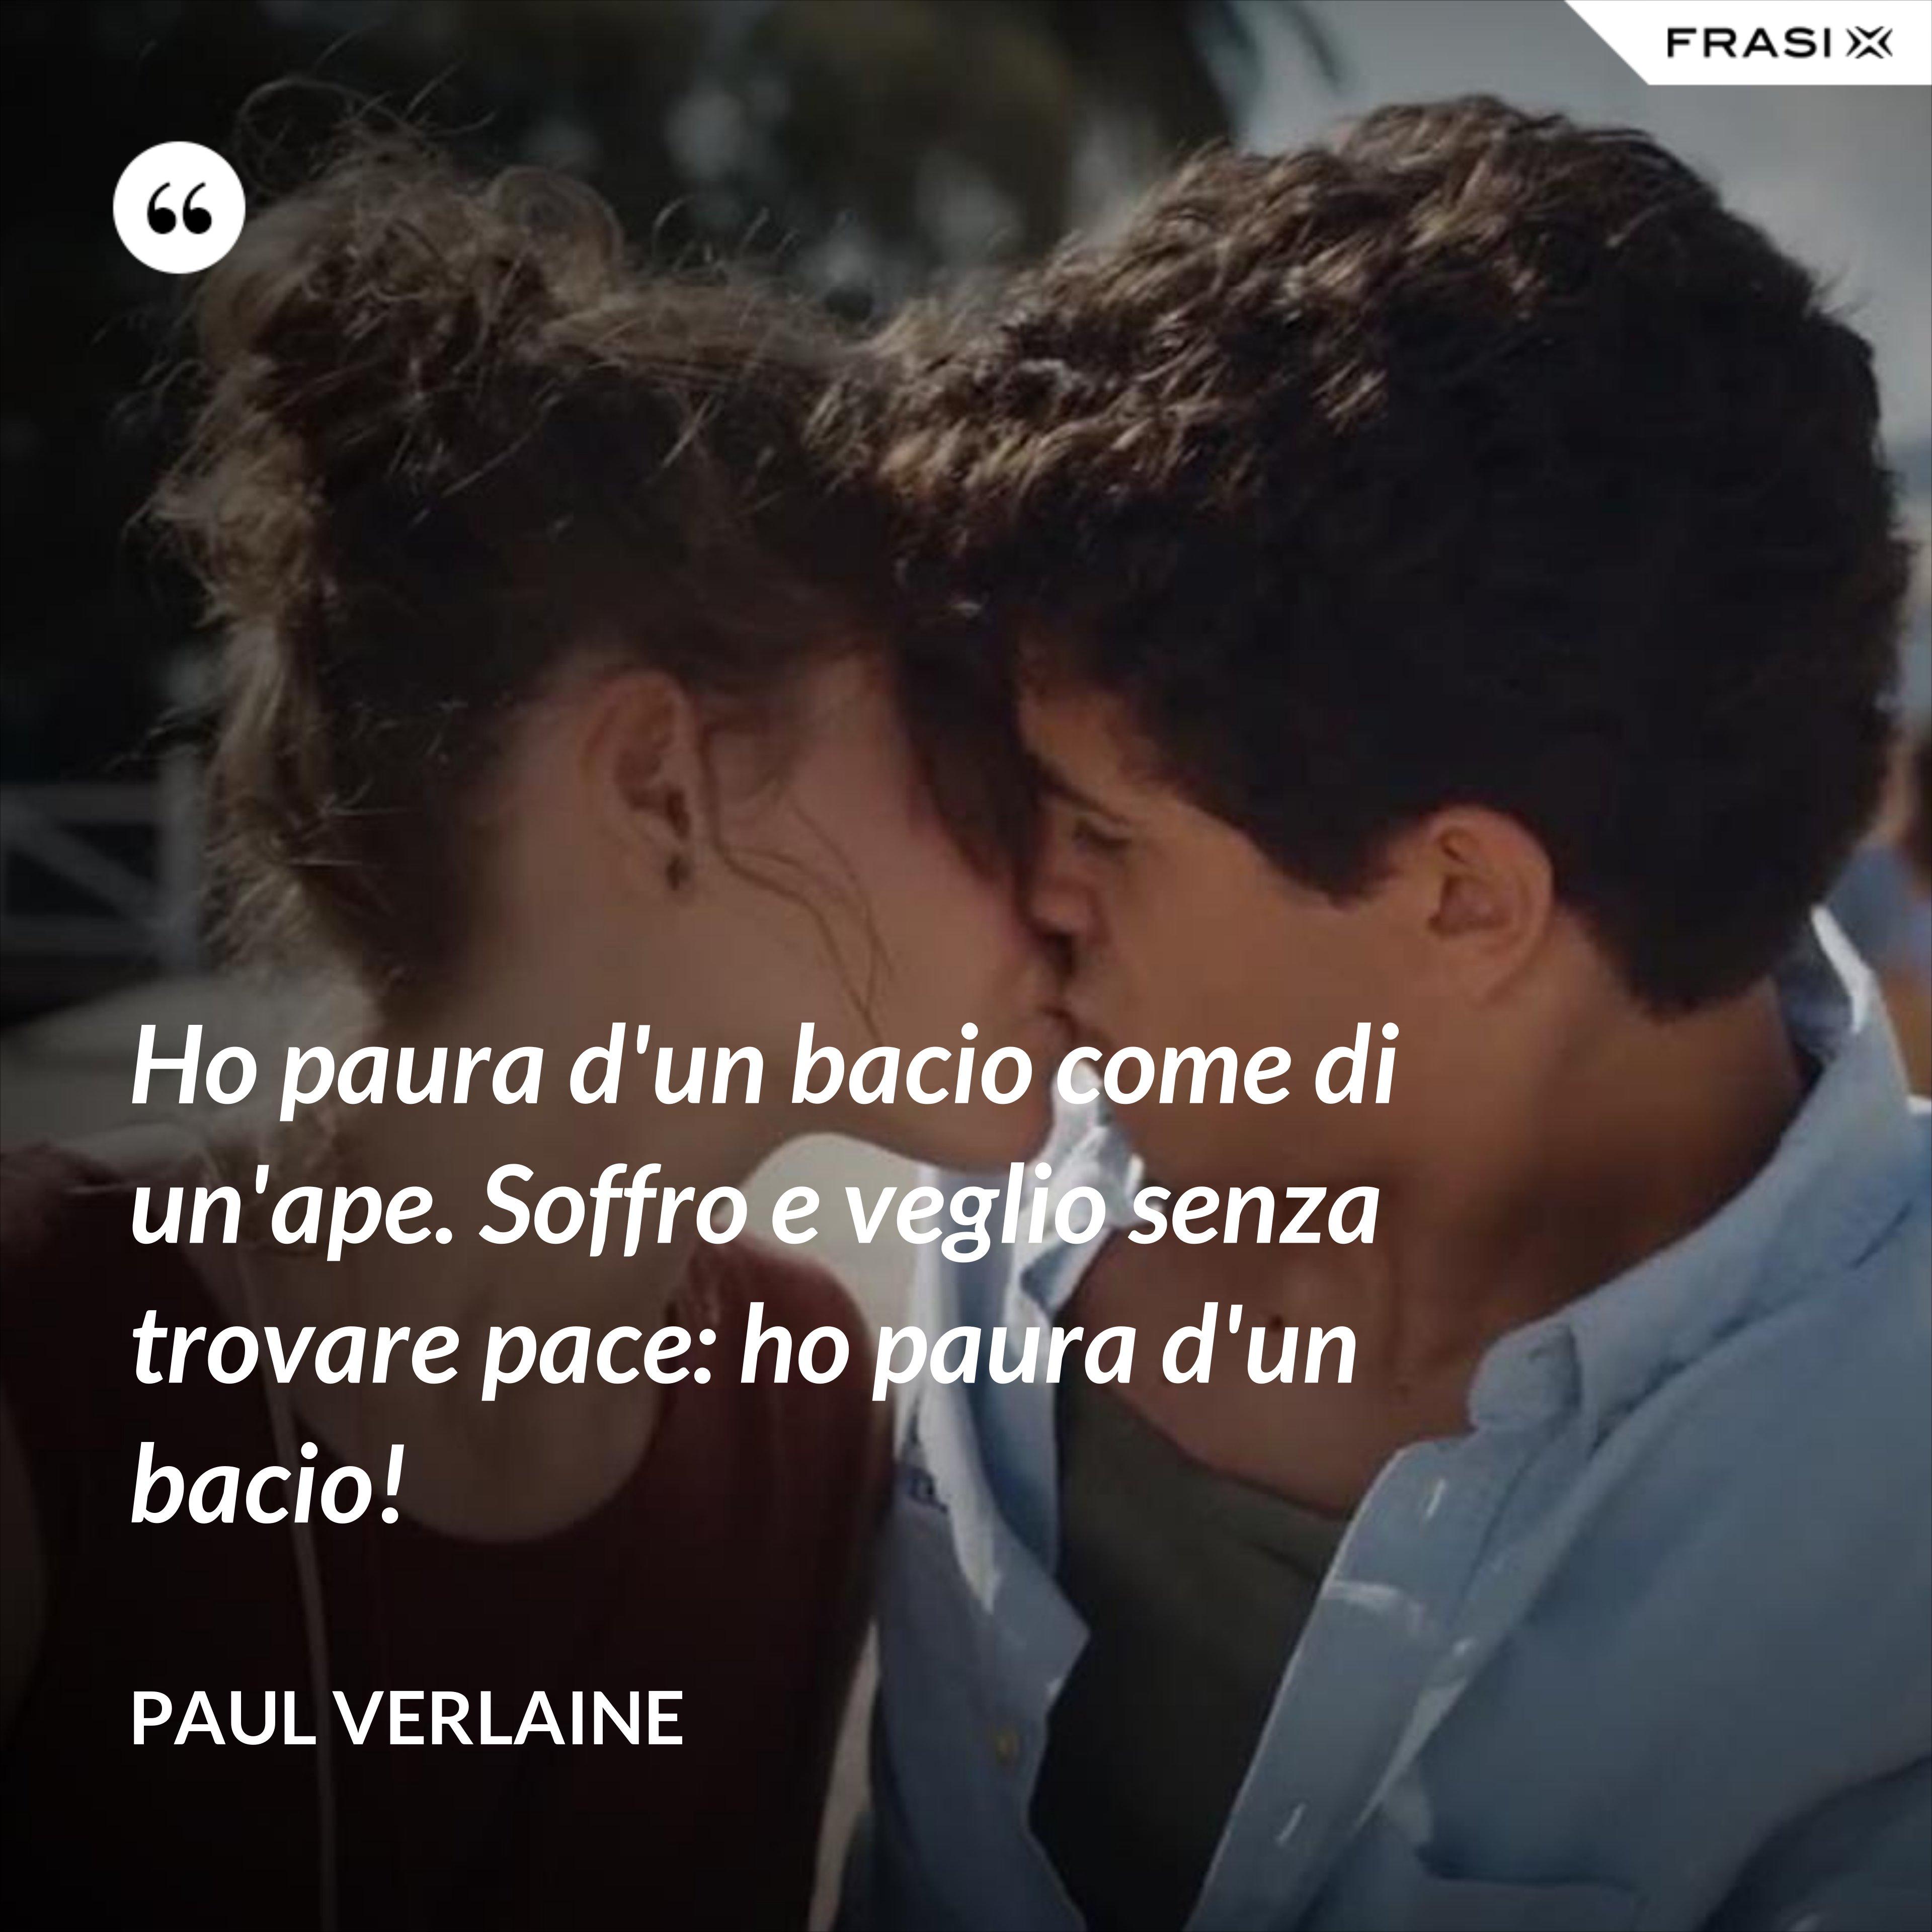 Ho paura d'un bacio come di un'ape. Soffro e veglio senza trovare pace: ho paura d'un bacio! - Paul Verlaine